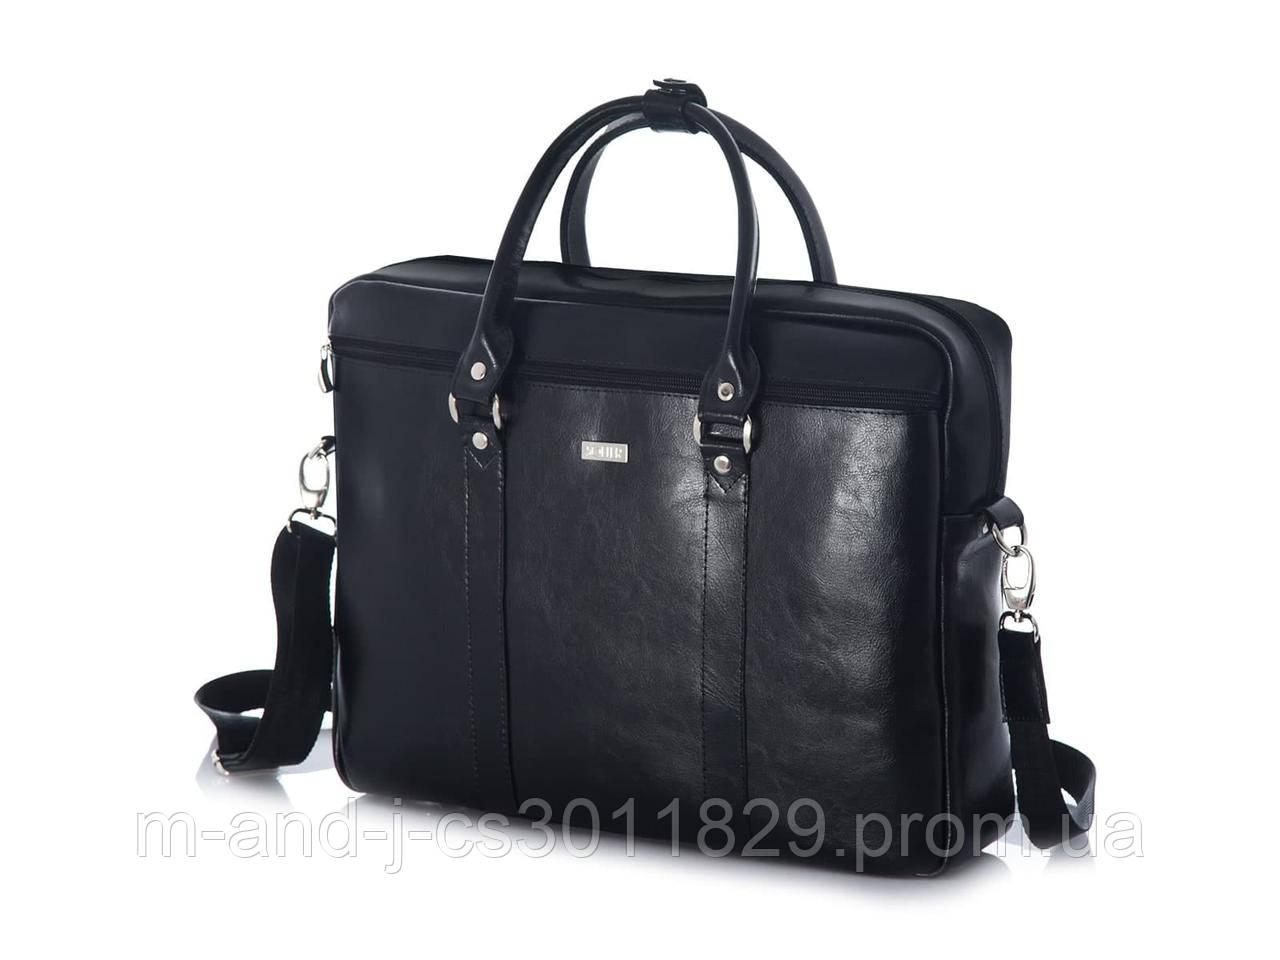 9e76836daaa3 Кожаная сумка для ноутбука через плечо черная Solier SL03 -  Интернет-магазин компании M&J в